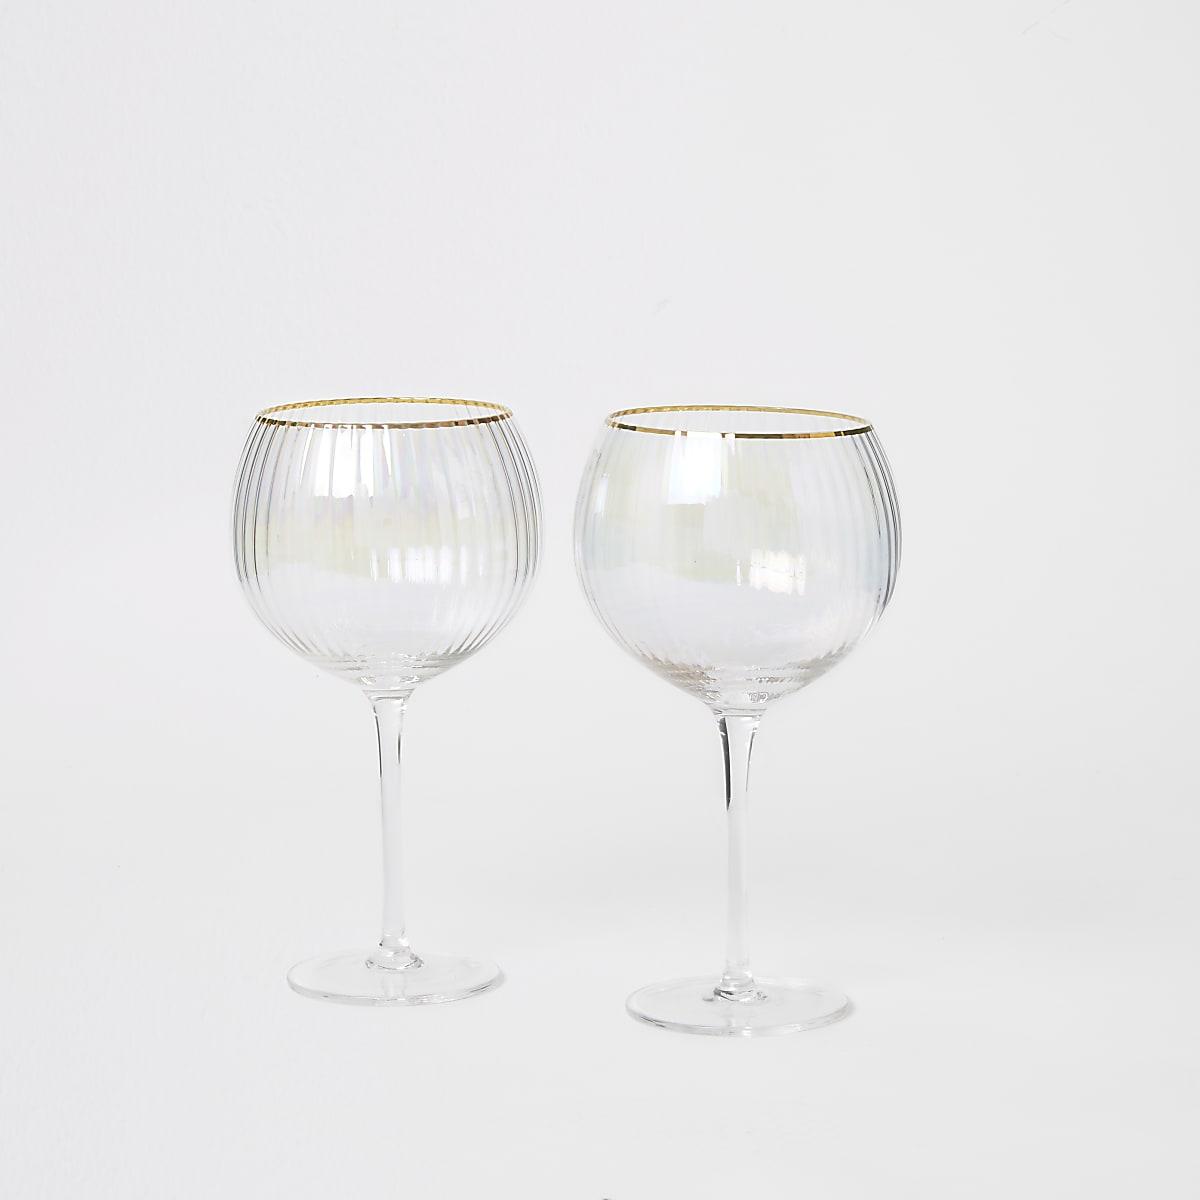 Roze gin balloon glazen set van 2 stuks